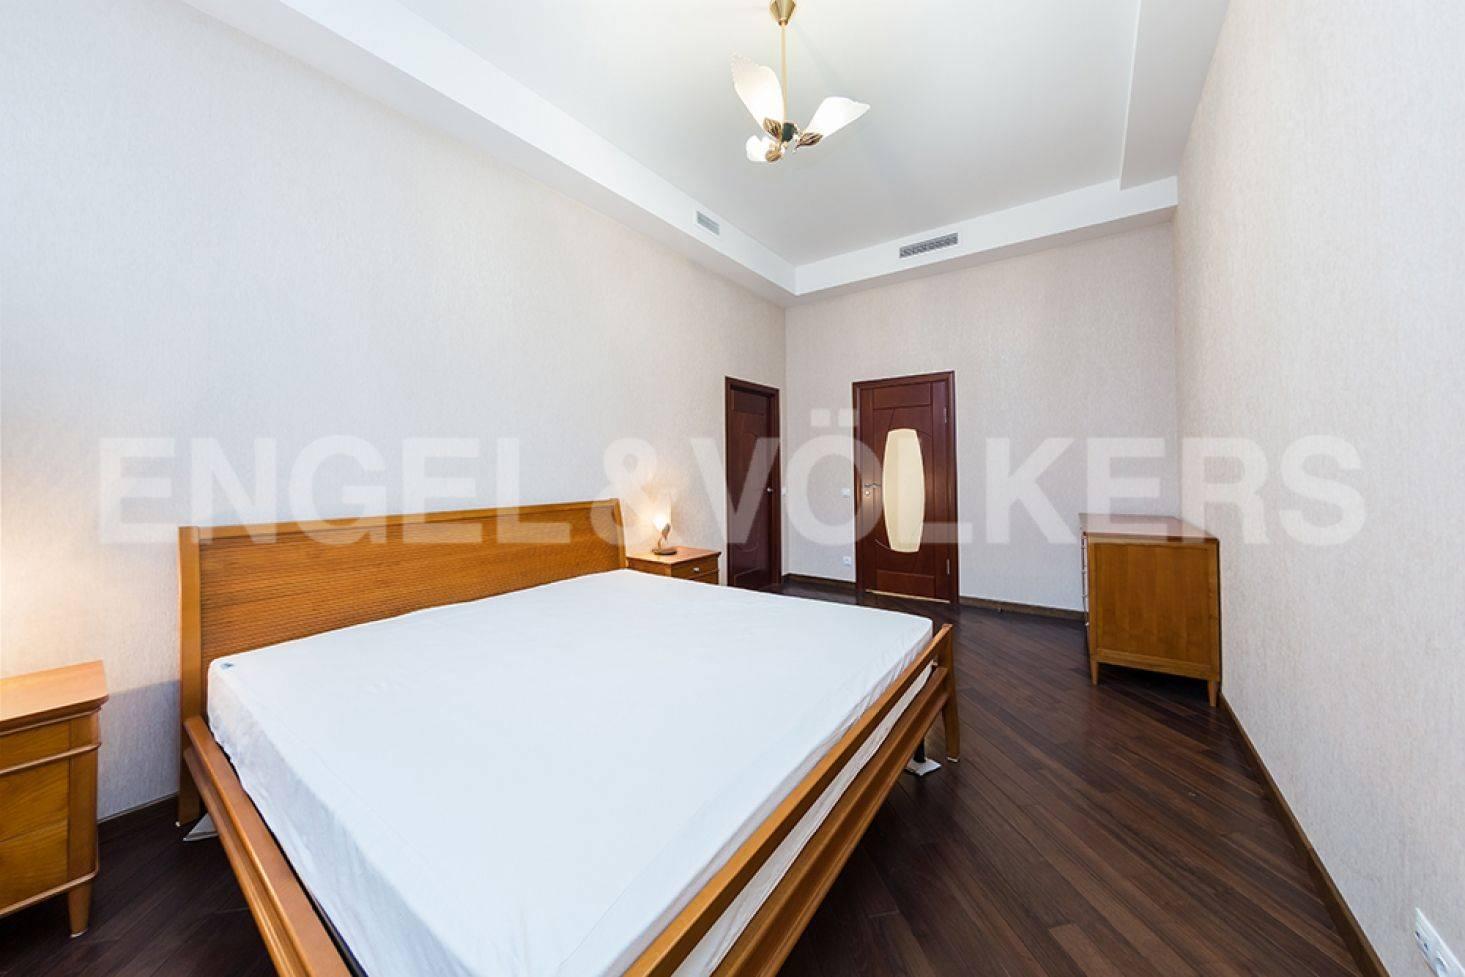 Элитные квартиры в Центральном районе. Санкт-Петербург, ул. Восстания 8А . Спальня с собственной ванной комнатой